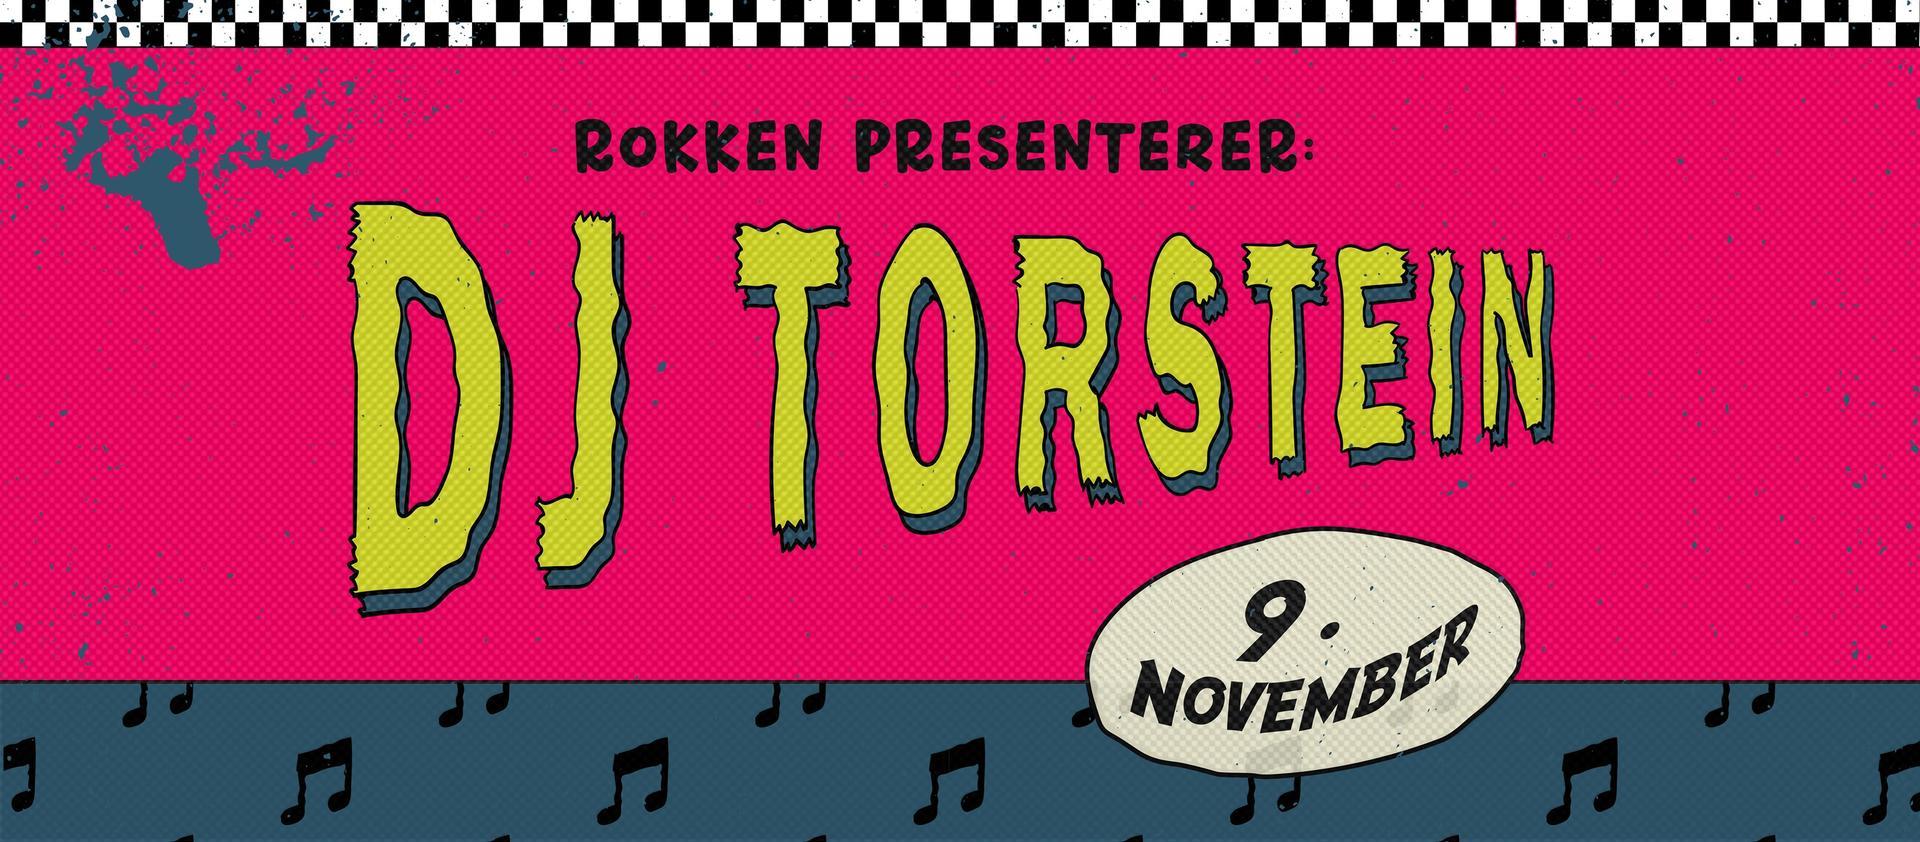 Rokken pres. DJ Torstein